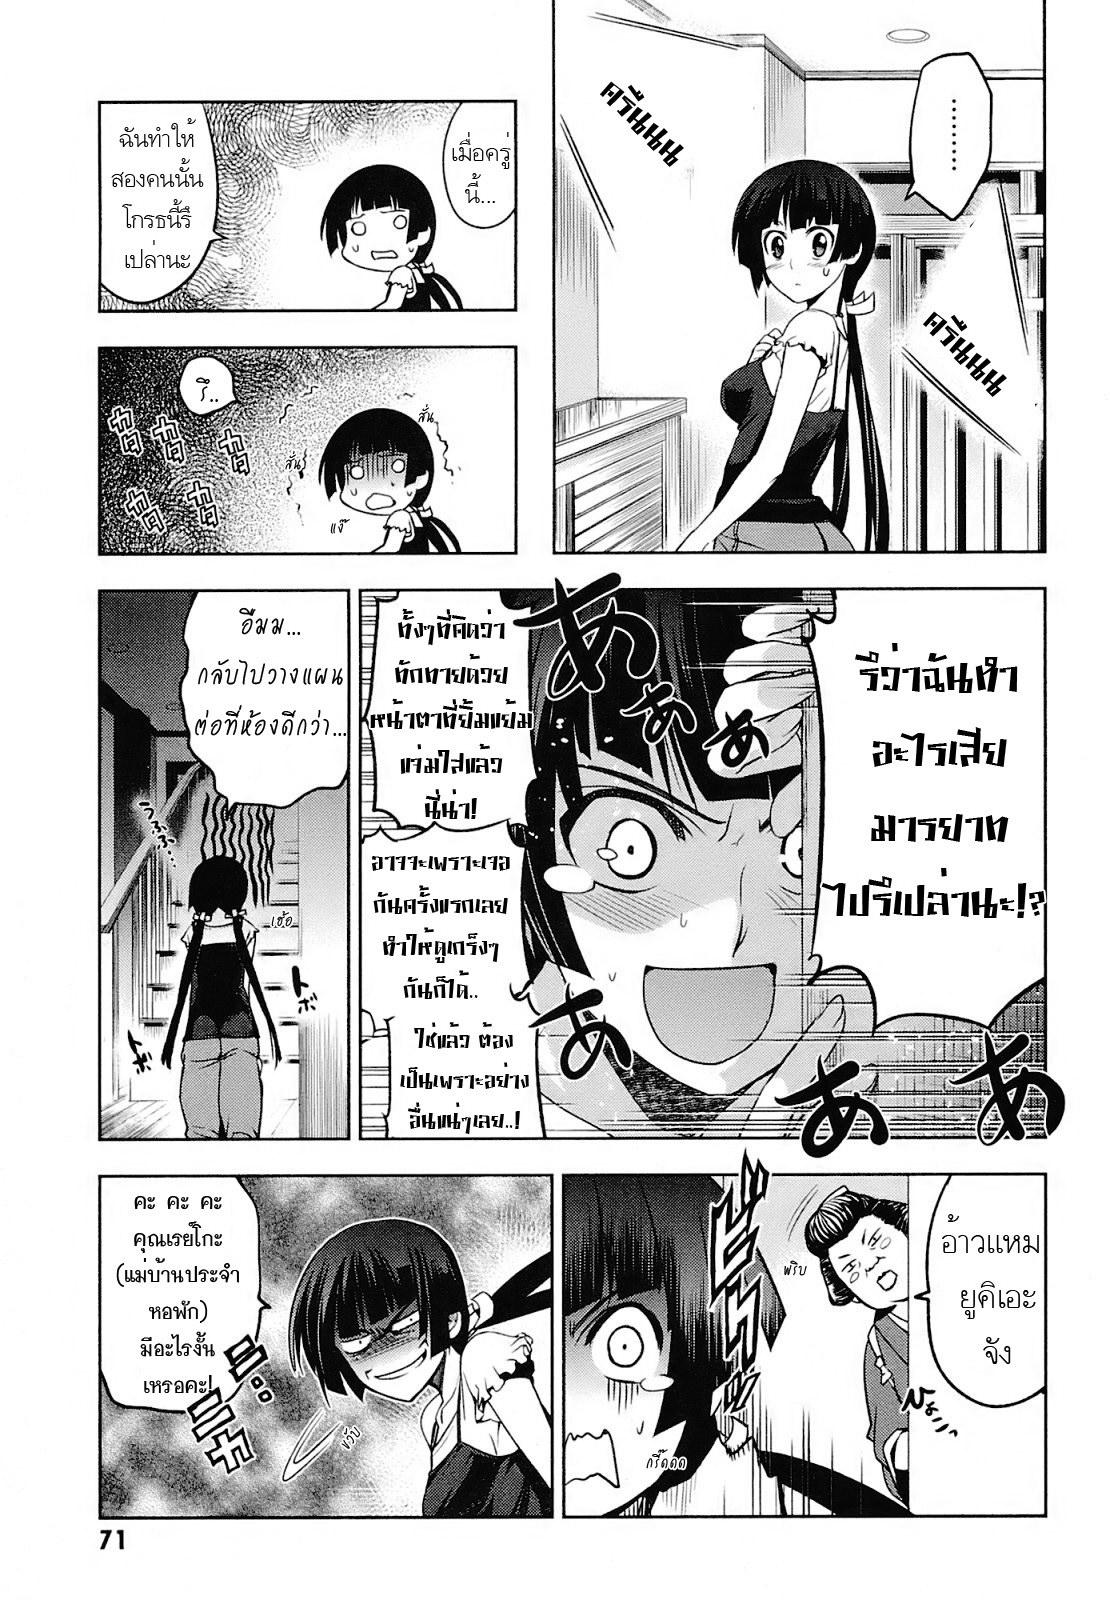 Maji de Watashi ni Koishinasai 2 TH แปลไทย : คริสมาเยือนญี่ปุ่น